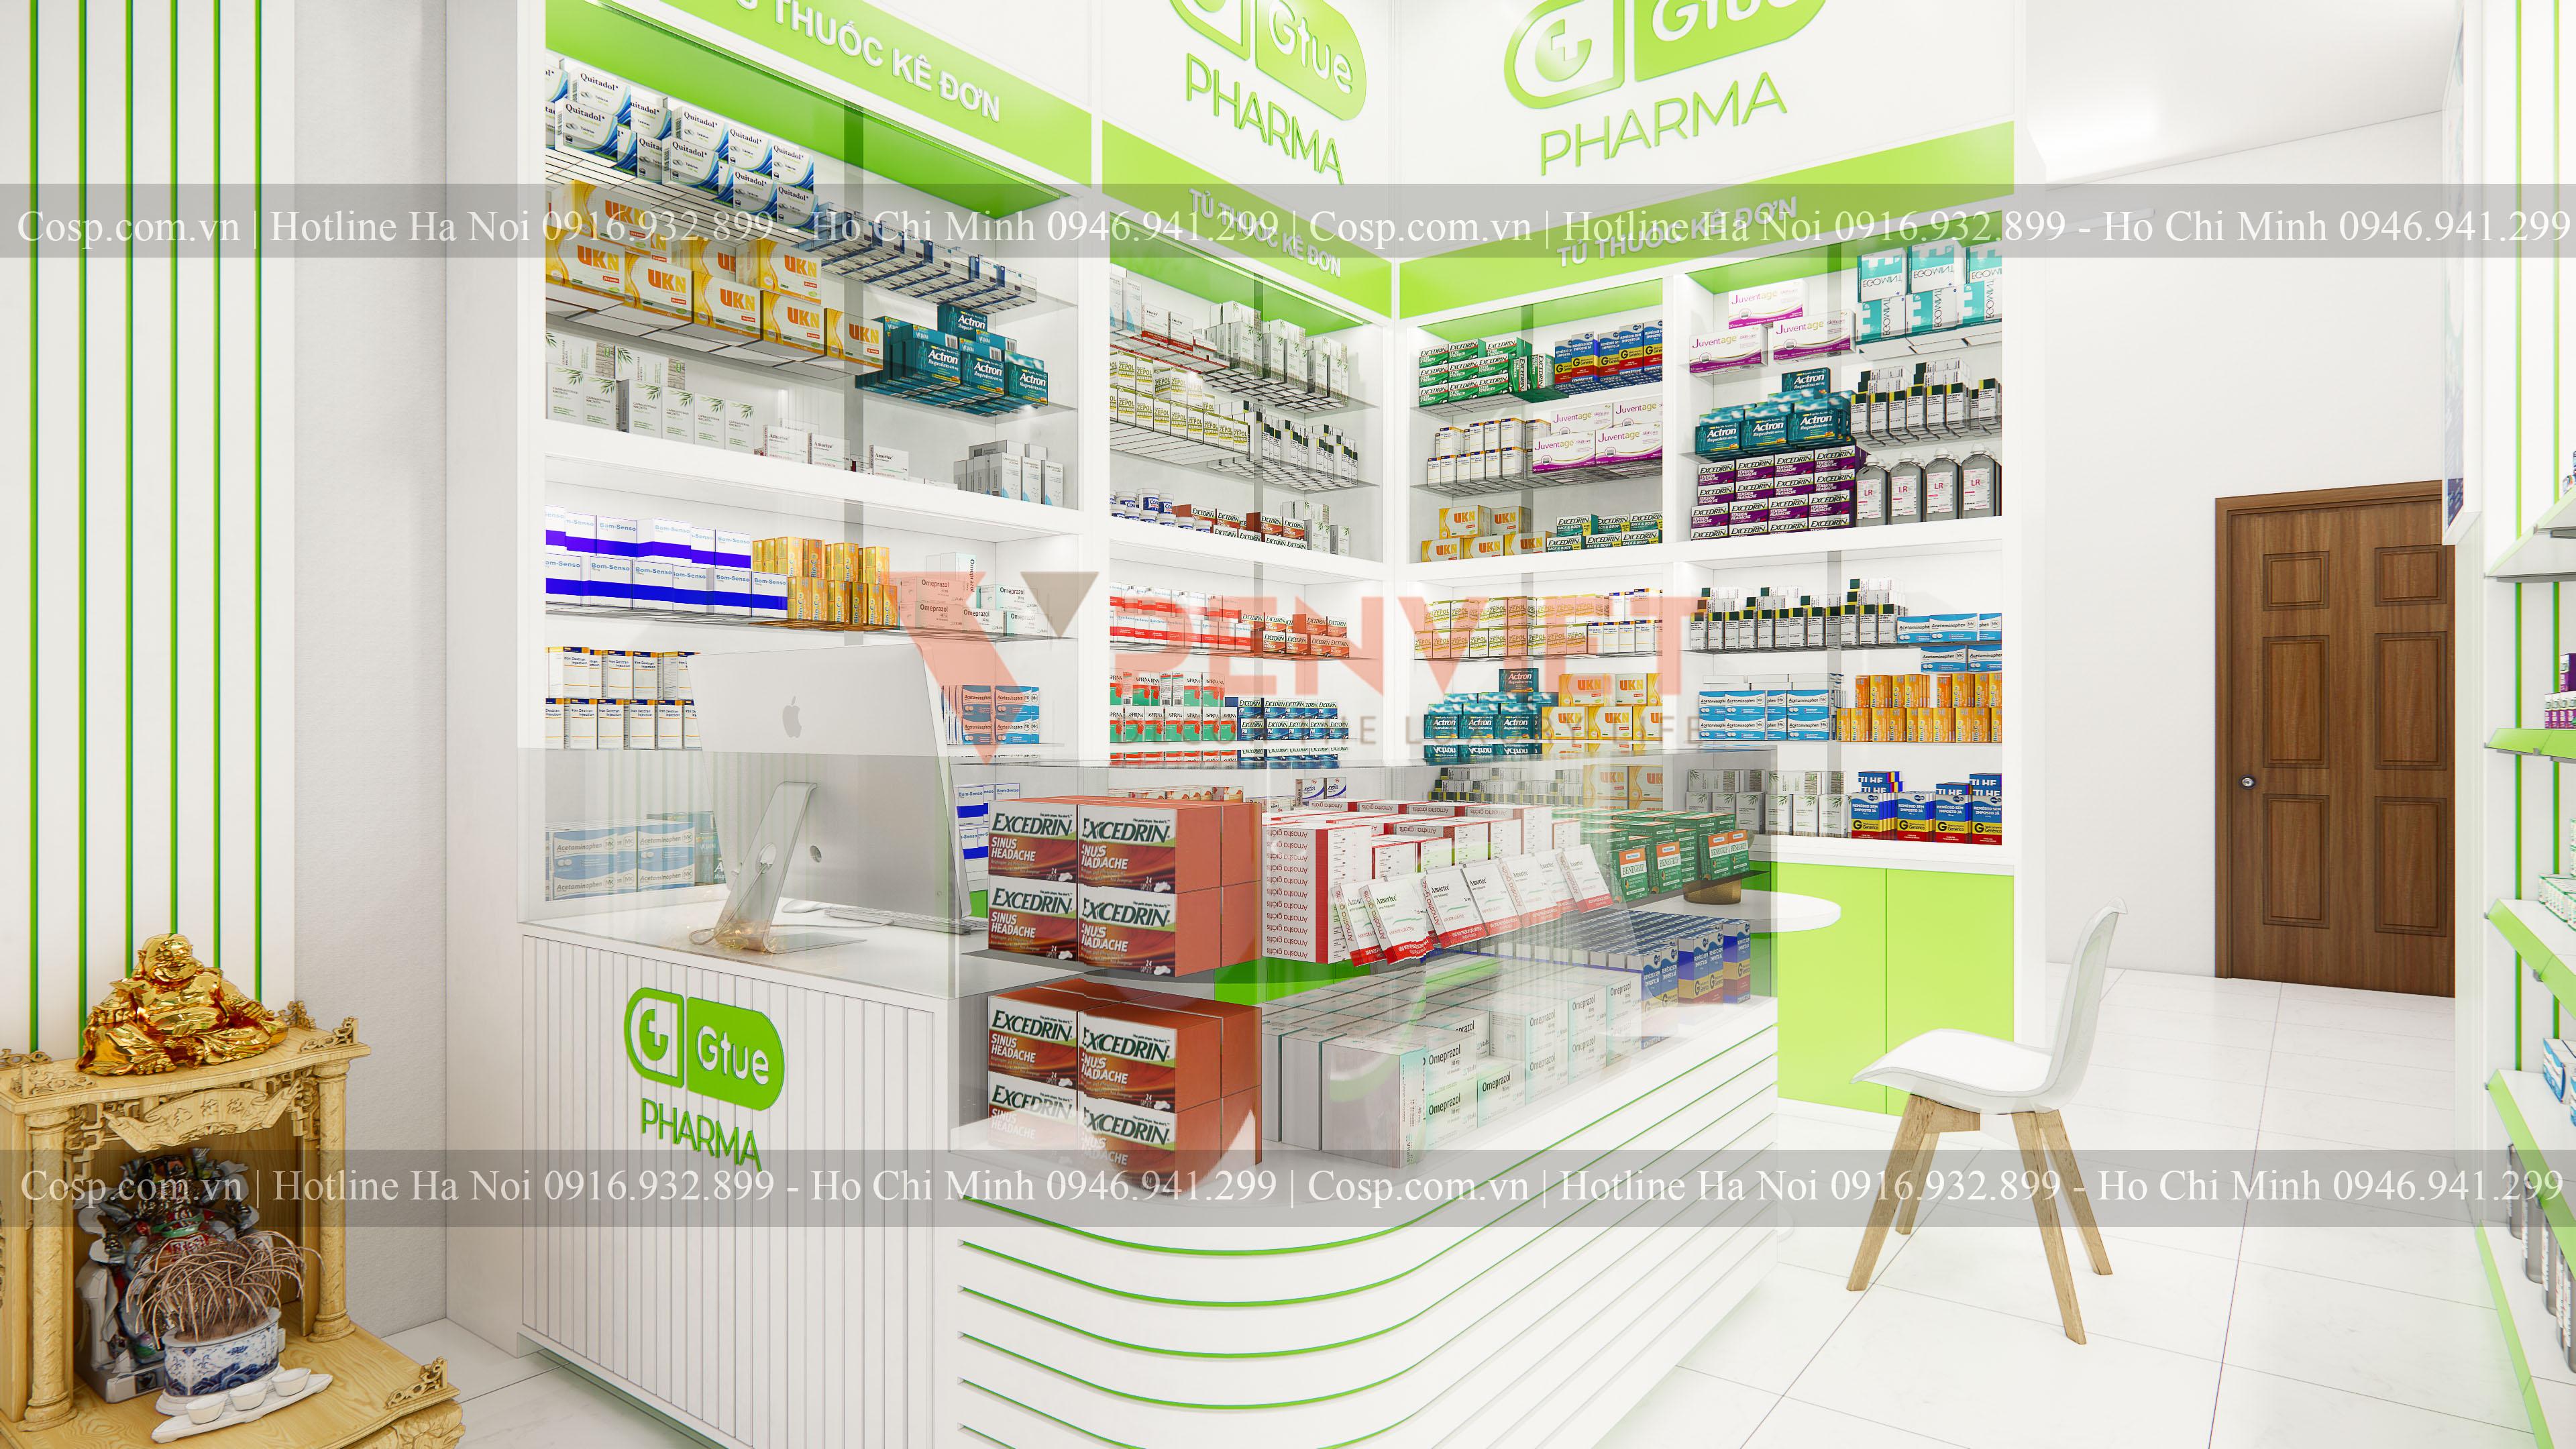 Khu vực quầy thu ngân của mẫu thiết kế hiệu thuốc Gtue - Pharma